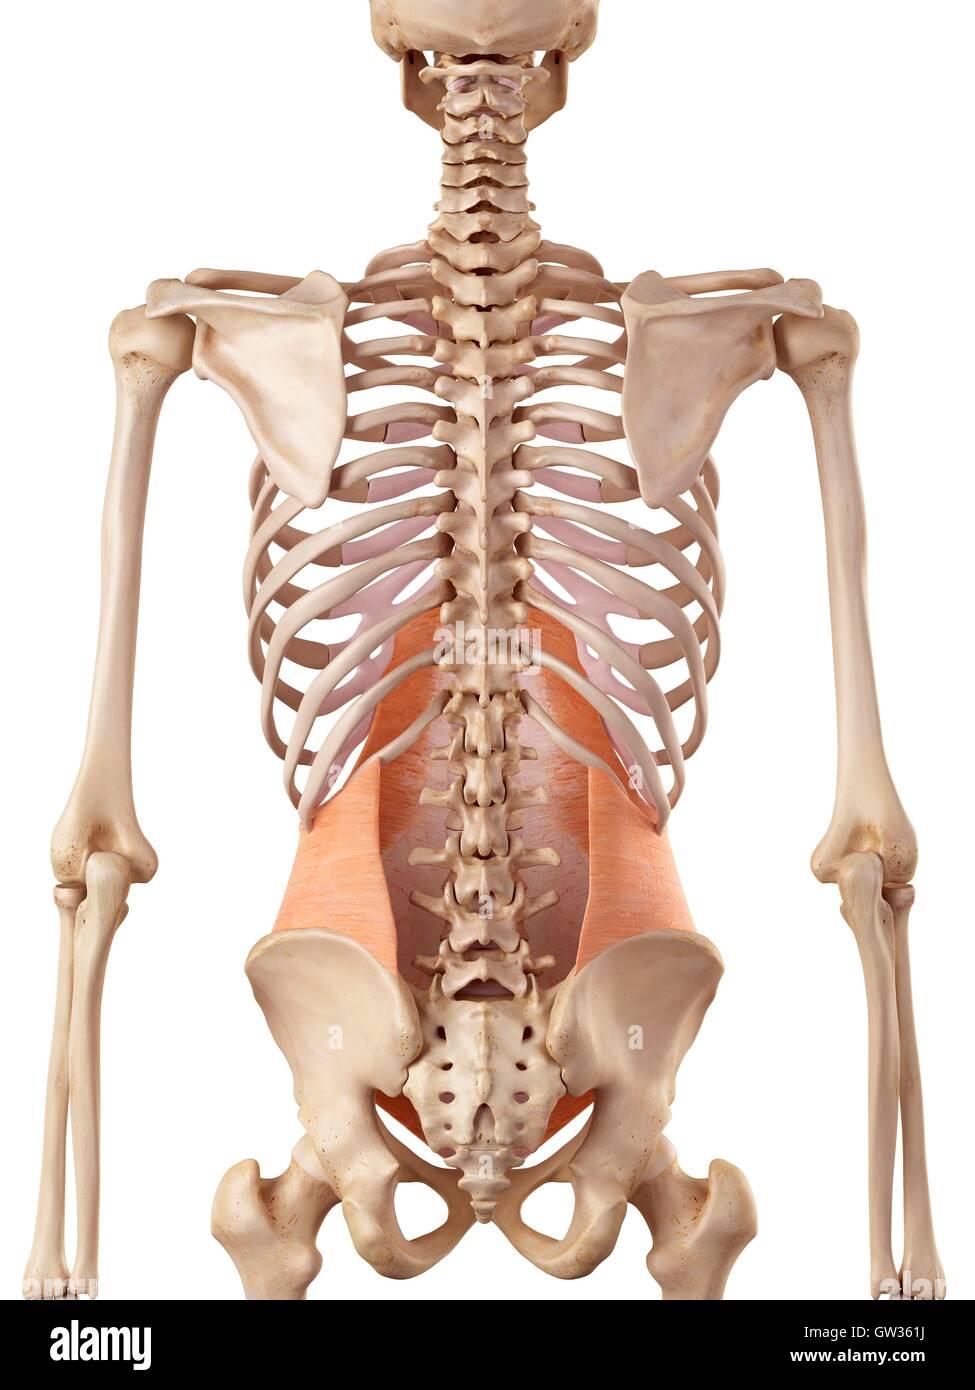 Menschlichen Bauchmuskeln, Abbildung Stockfoto, Bild: 118699214 - Alamy